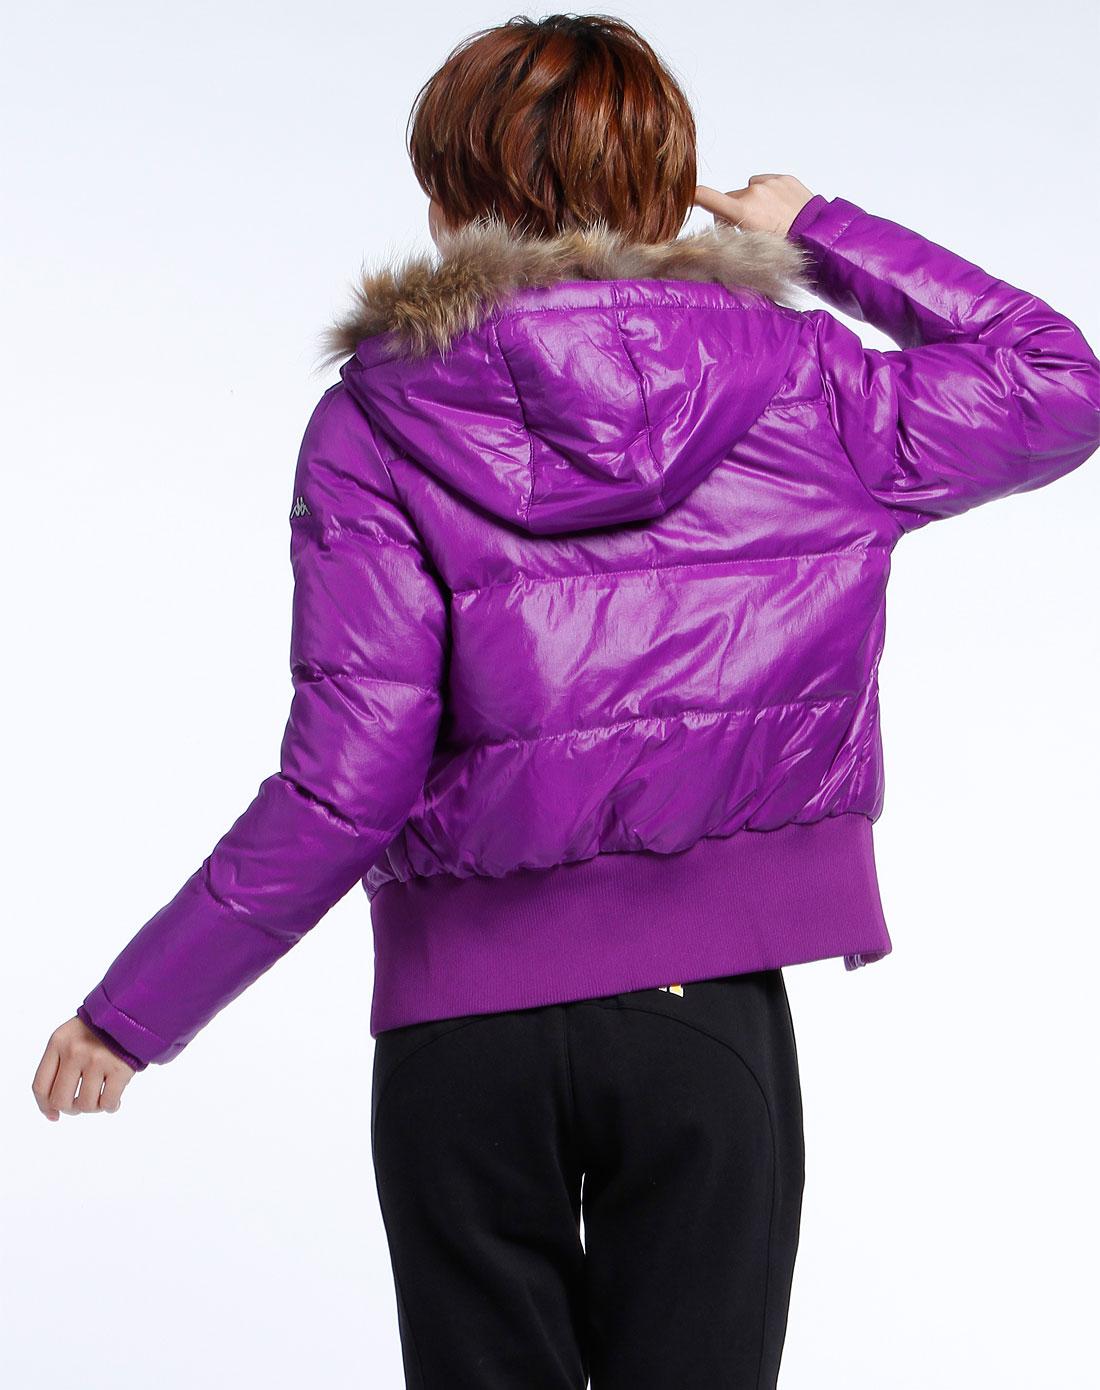 卡帕kappa女装专场-紫色时尚长袖羽绒